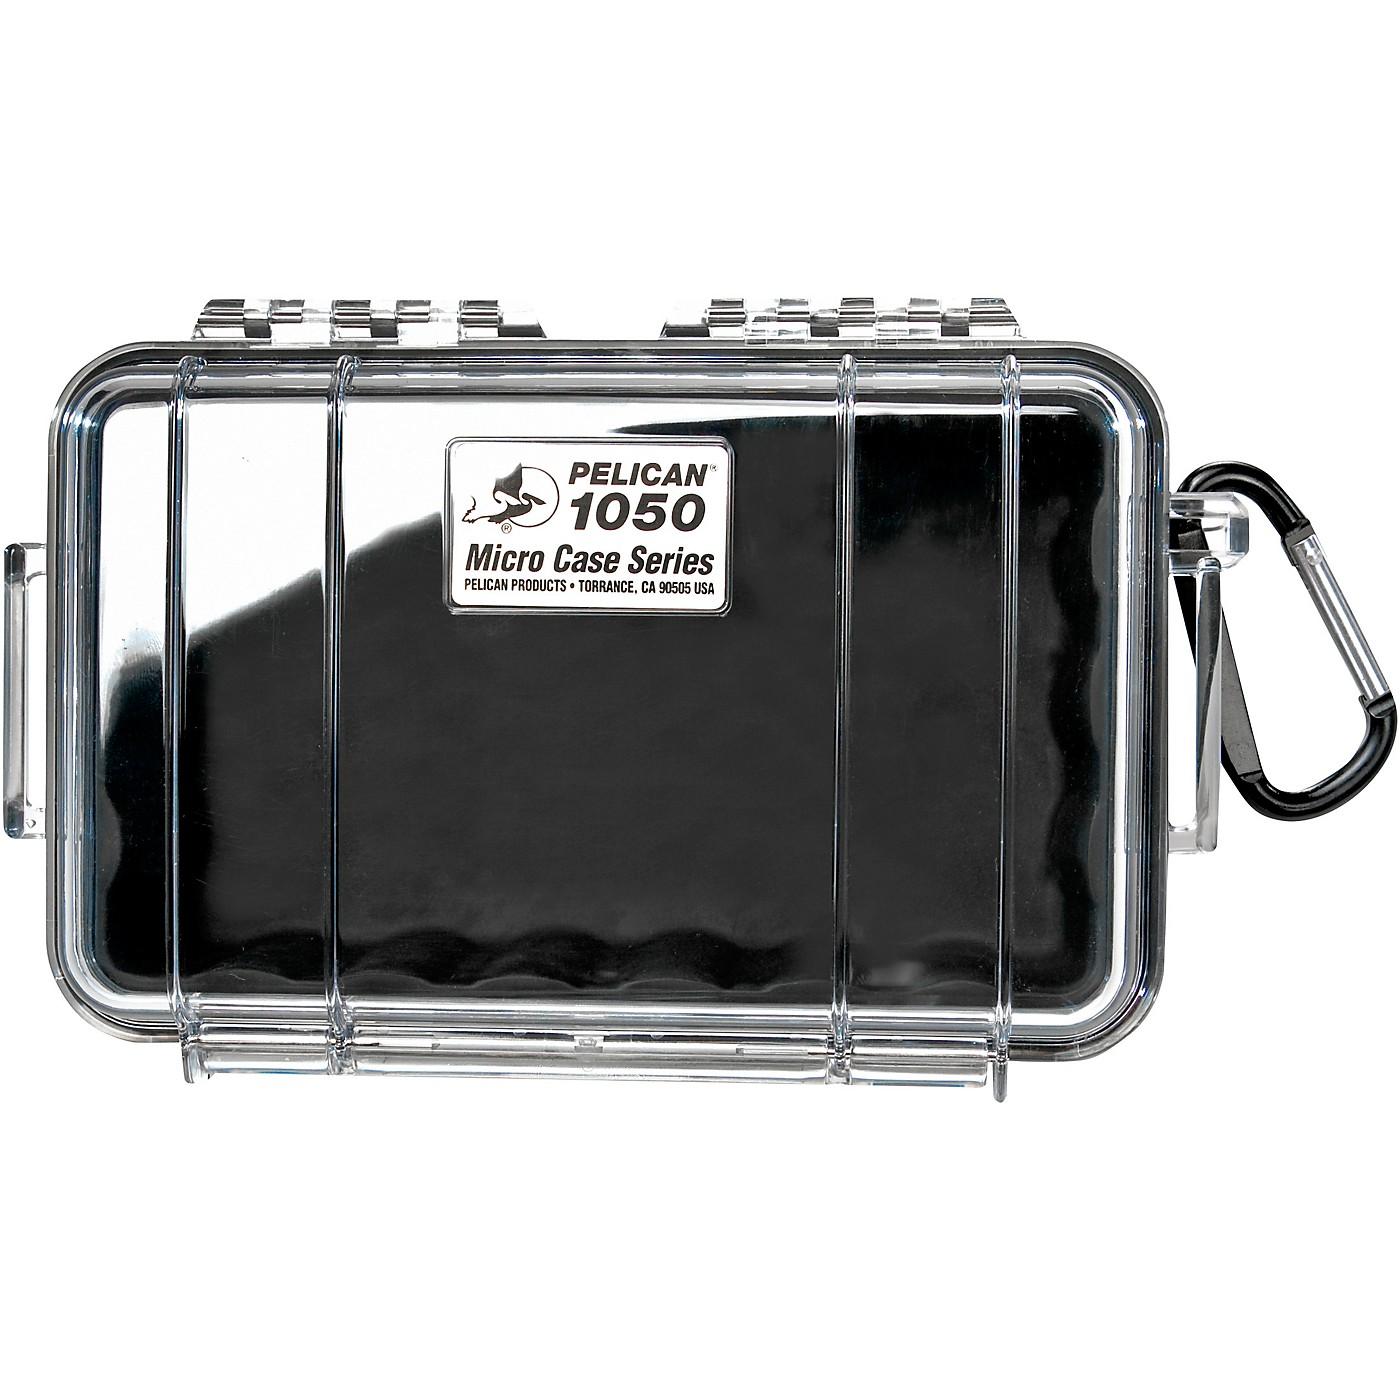 PELICAN 1050 Micro Case thumbnail